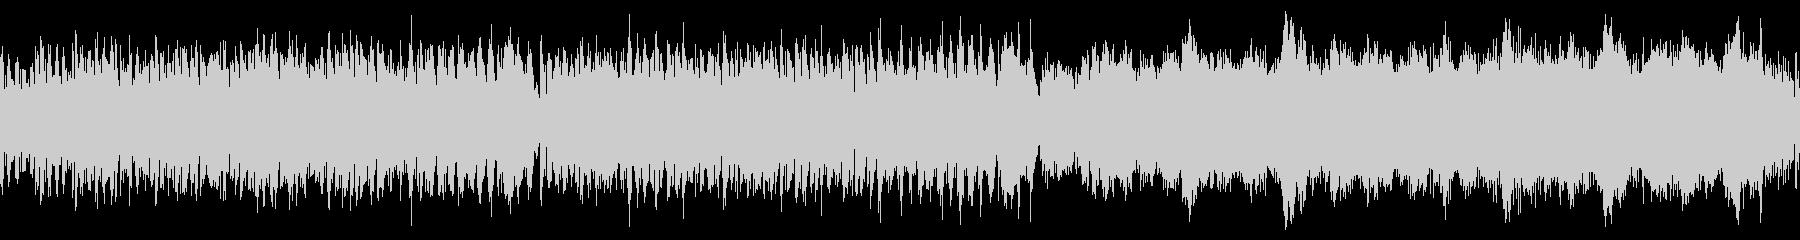 ピアノとストリングスの明るい曲の未再生の波形